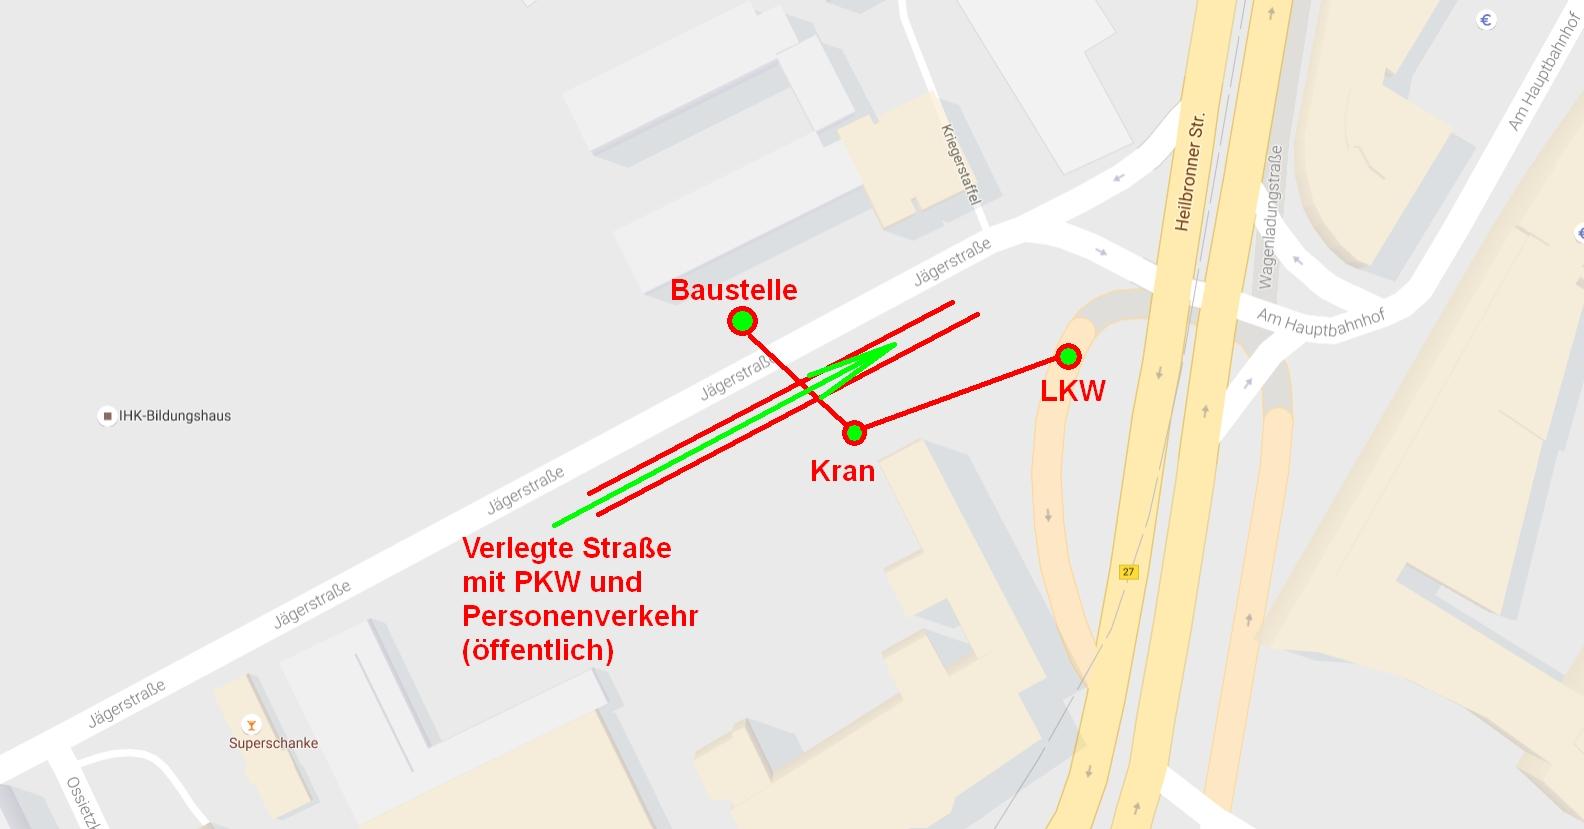 Selbst ein Sprecher der Bahn es mit dieser (unverzerrten) Karte eigentlich verstehen können.